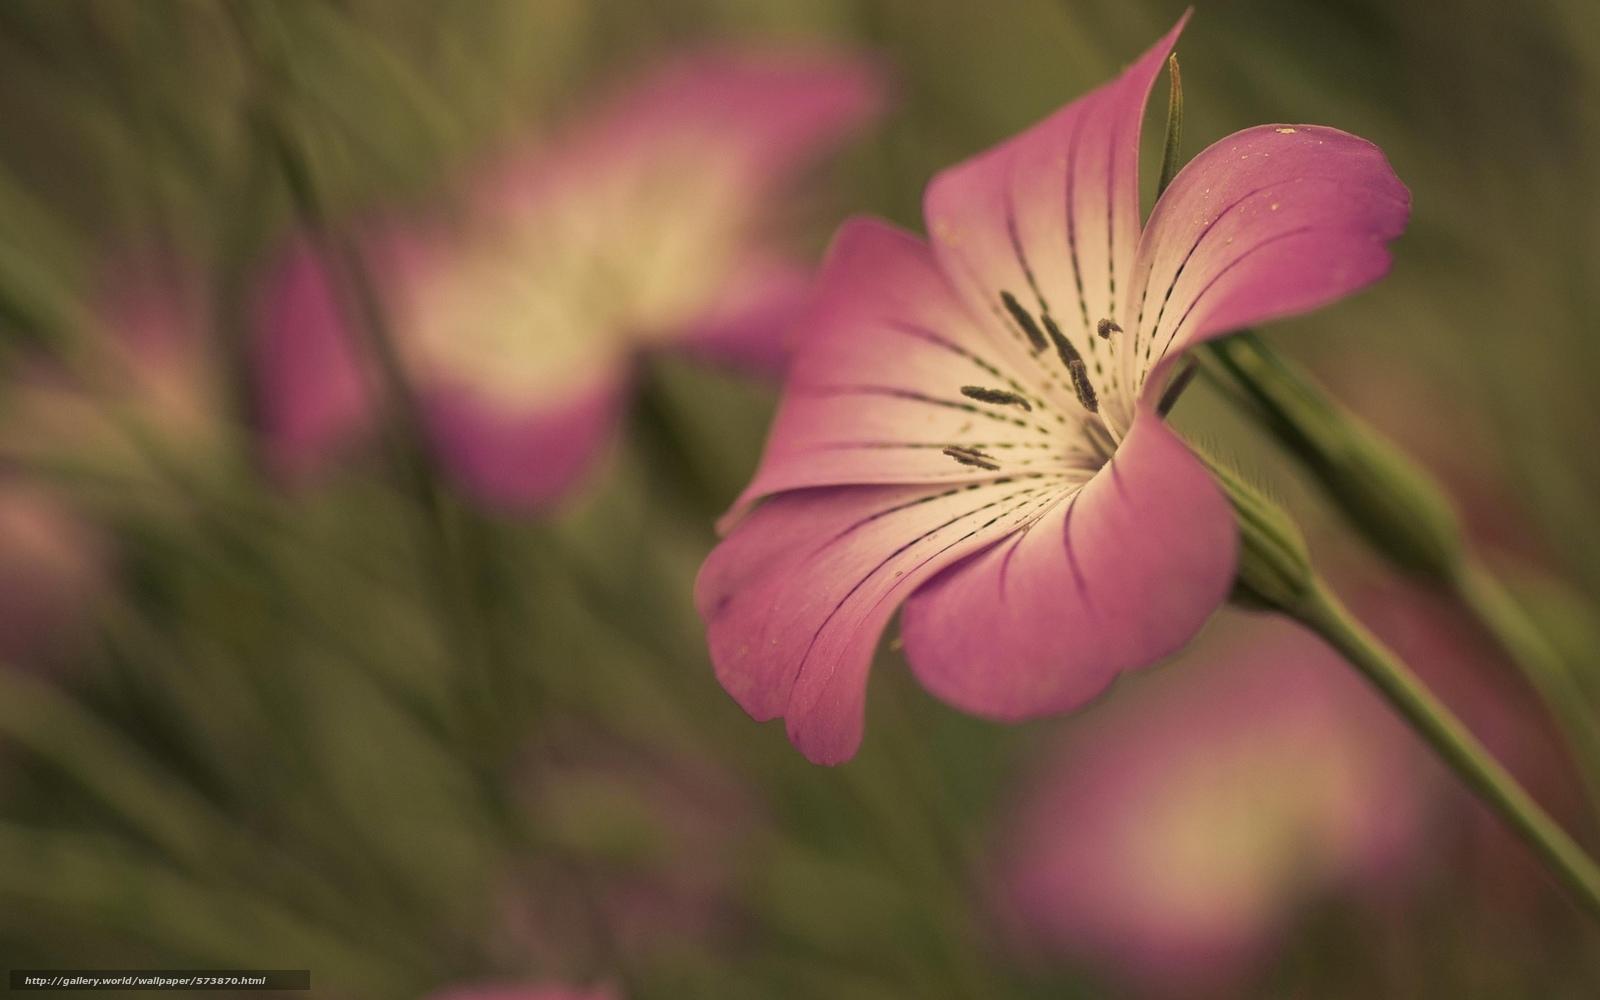 Скачать обои цветок,  лепесток,  обои,  широкоэкранные бесплатно для рабочего стола в разрешении 1920x1200 — картинка №573870